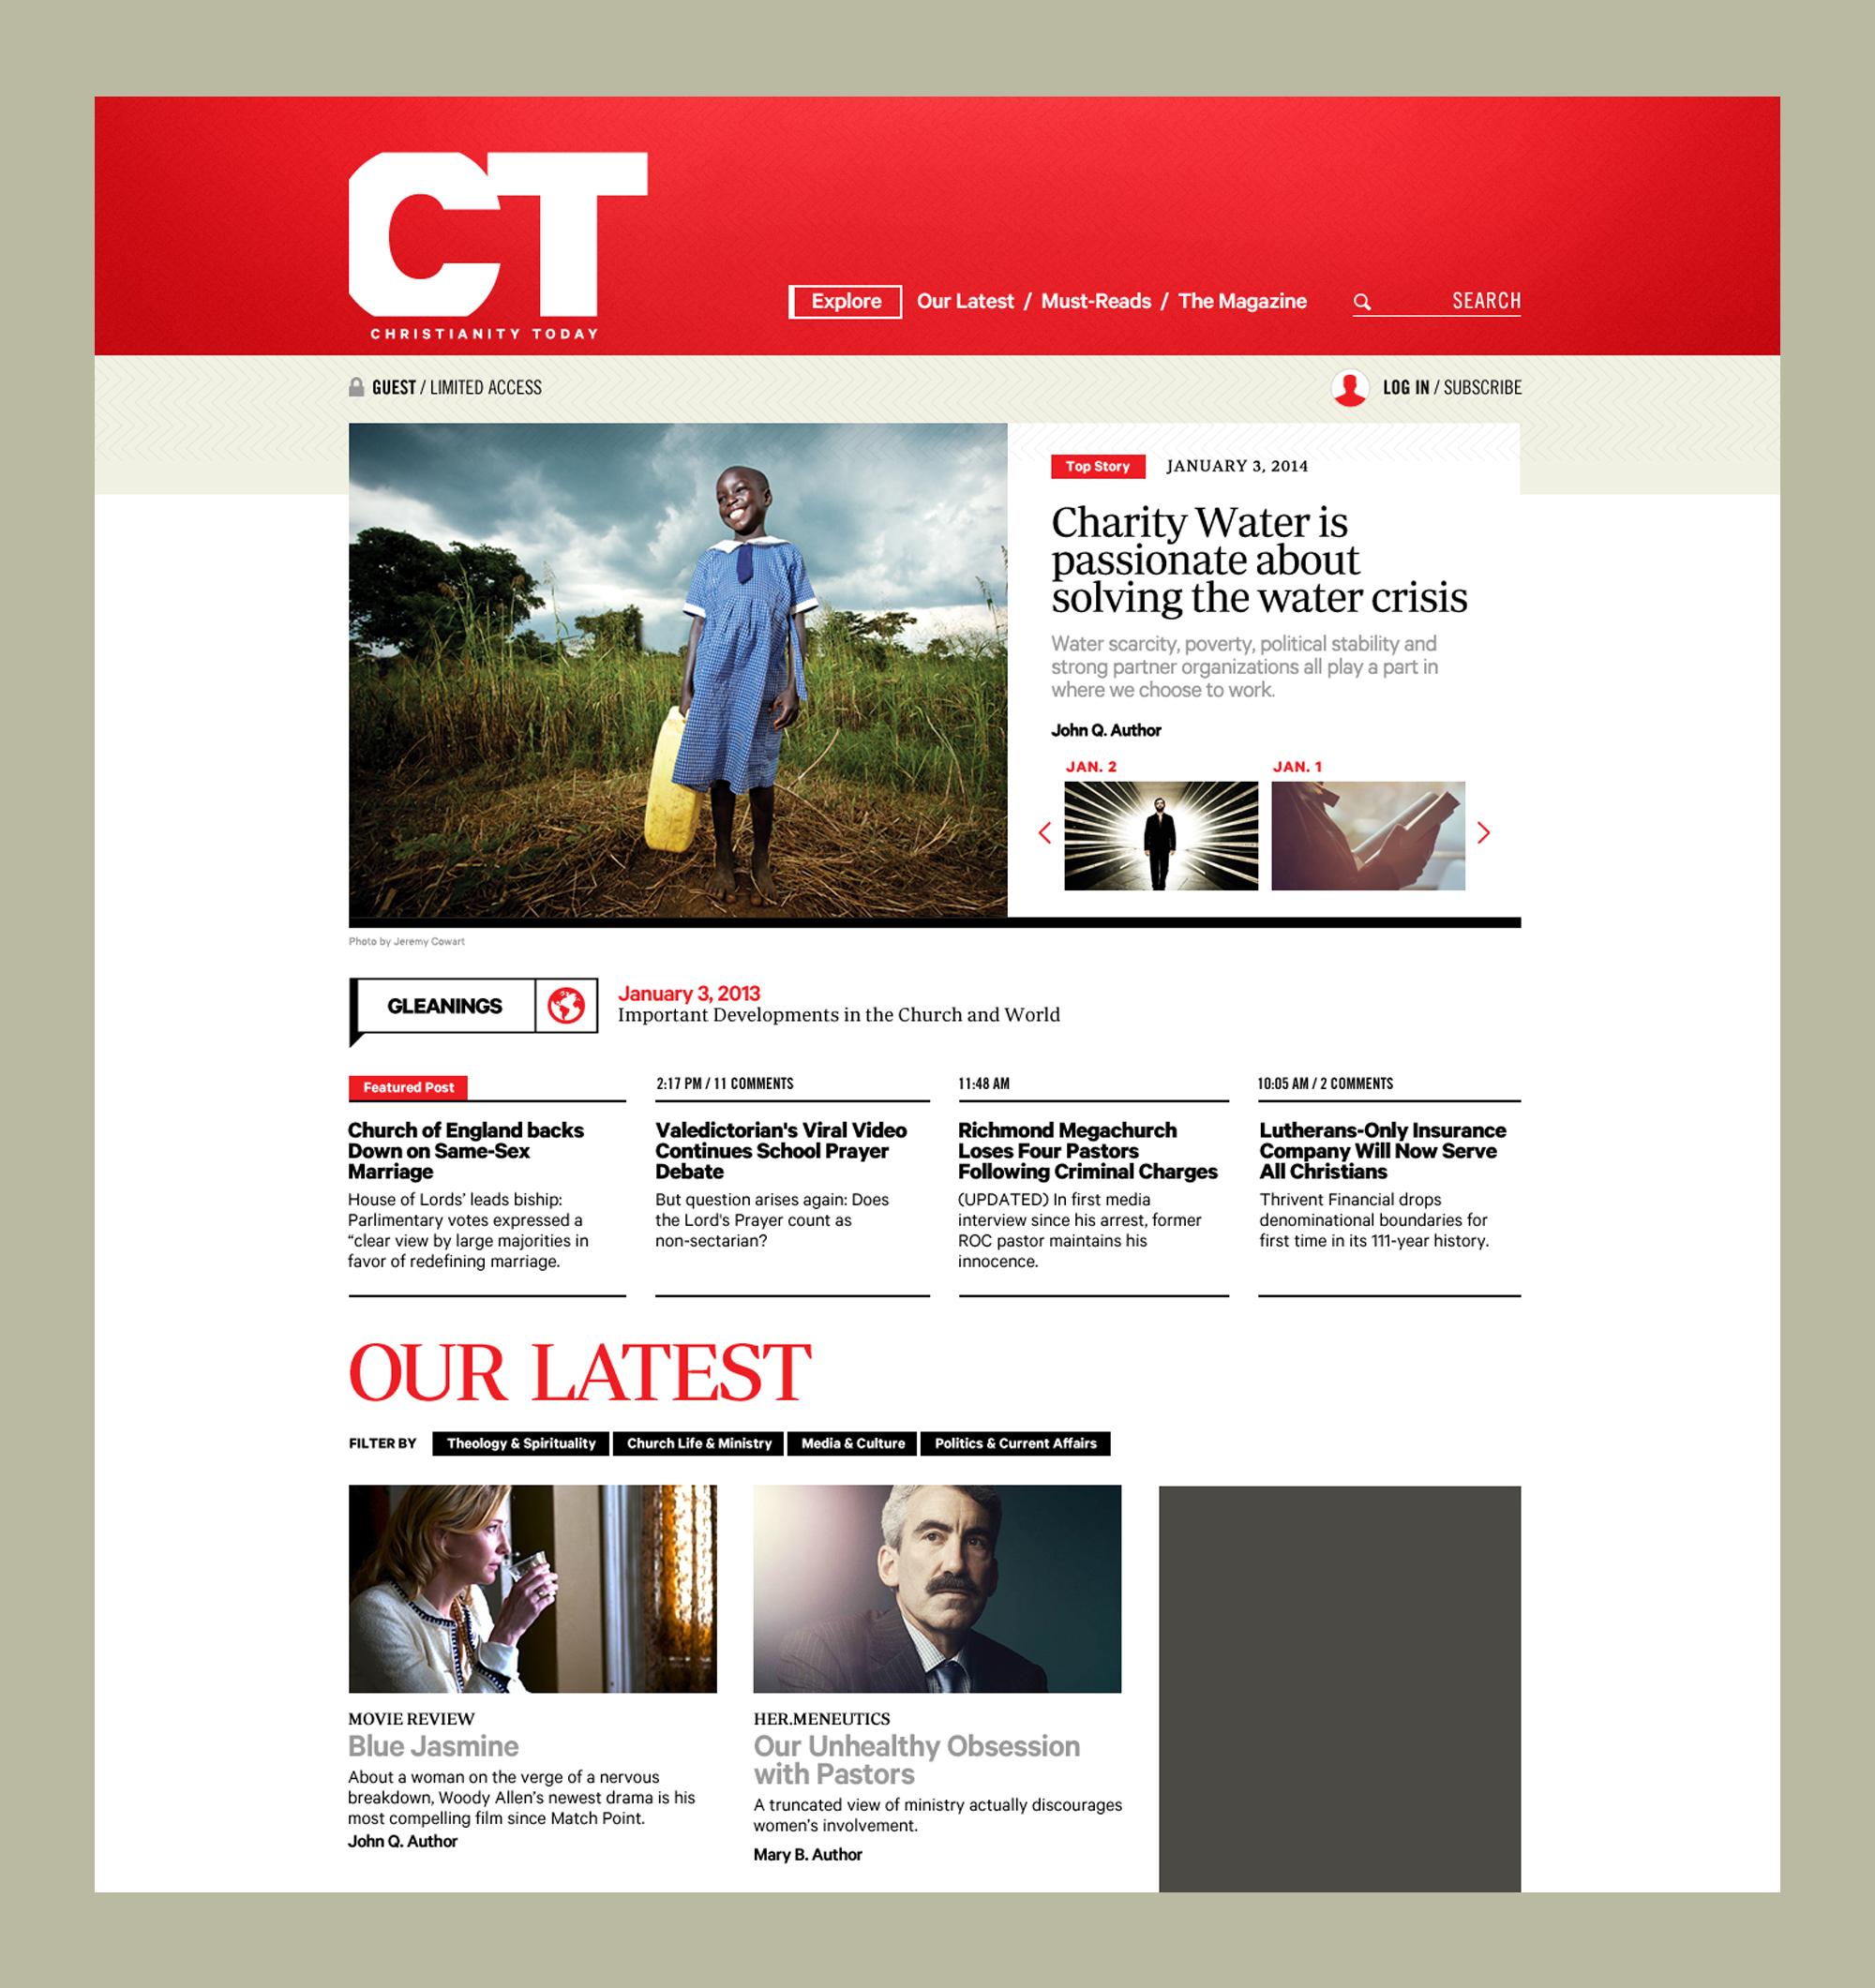 tforrester_CT-desktop-mockup